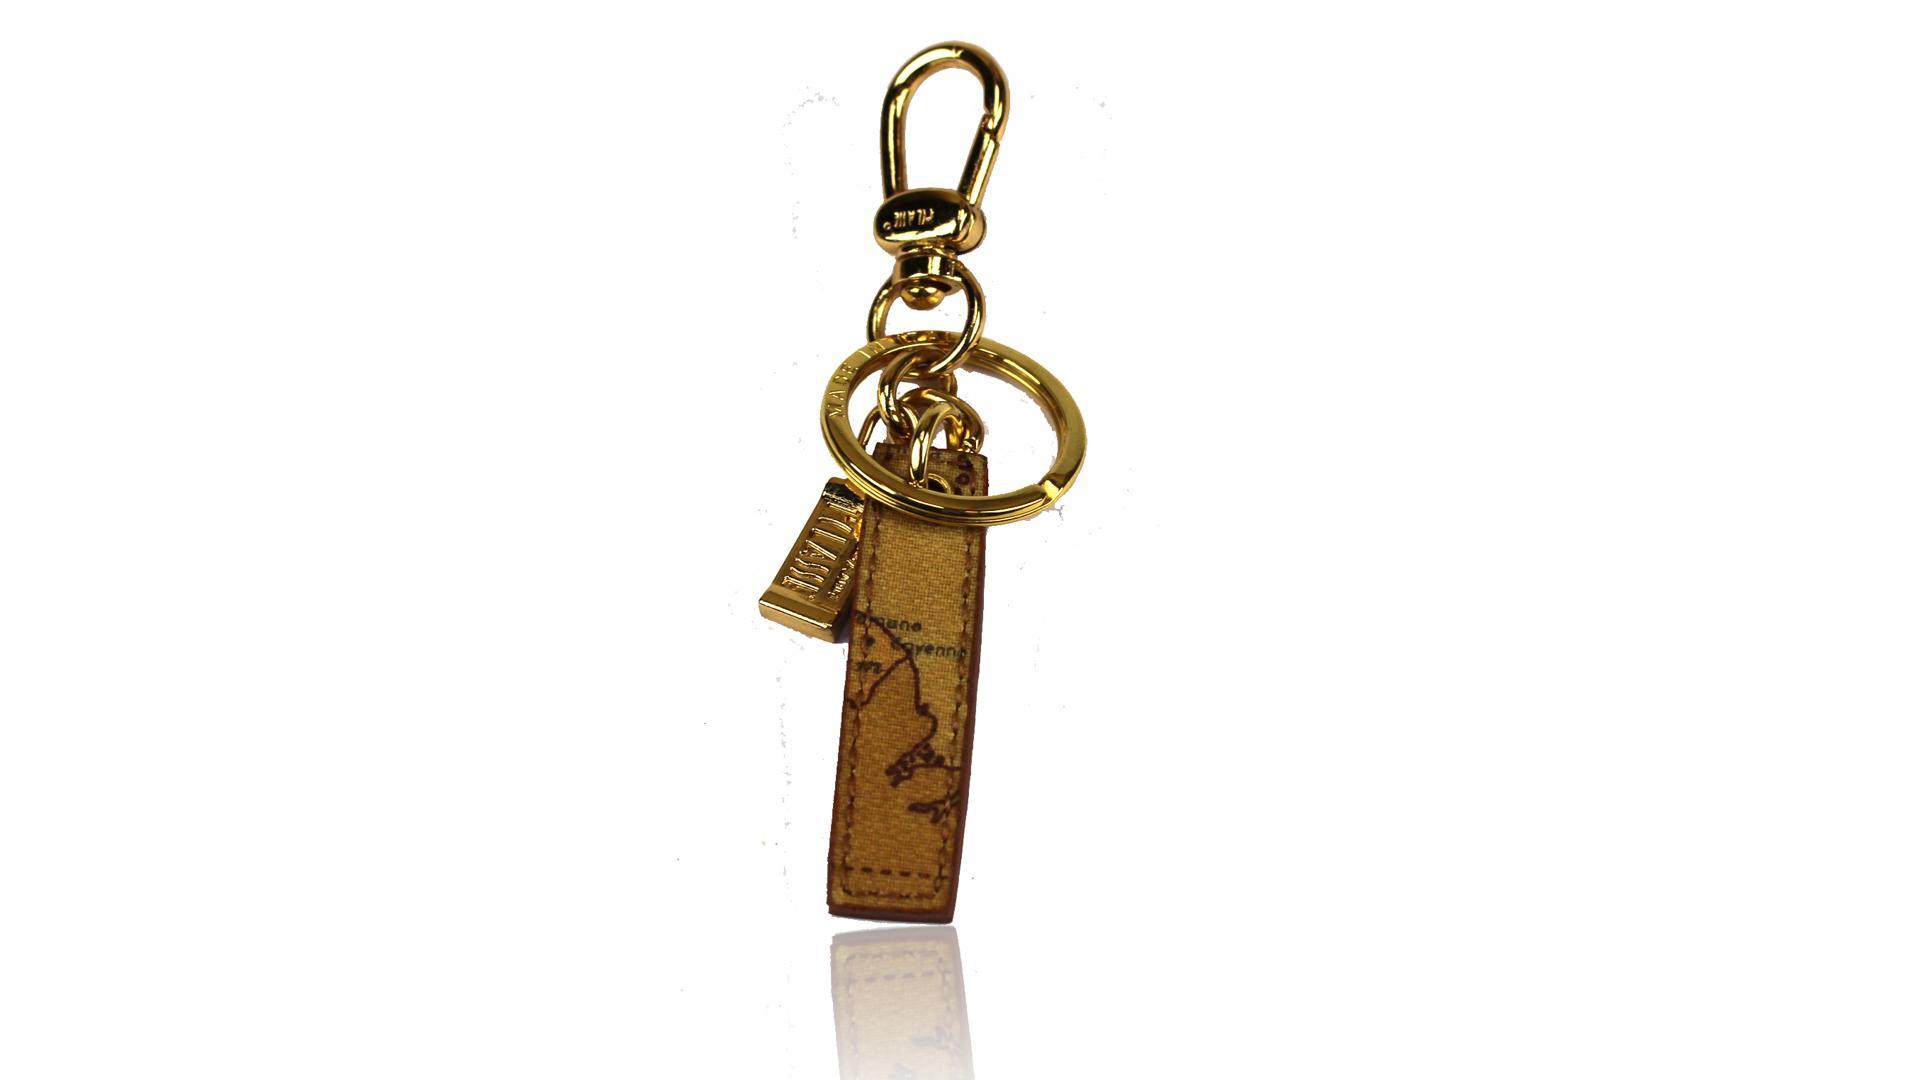 Porta chiavi alviero martini 1a classe continuativo p00i - Porta agenda alviero martini ...